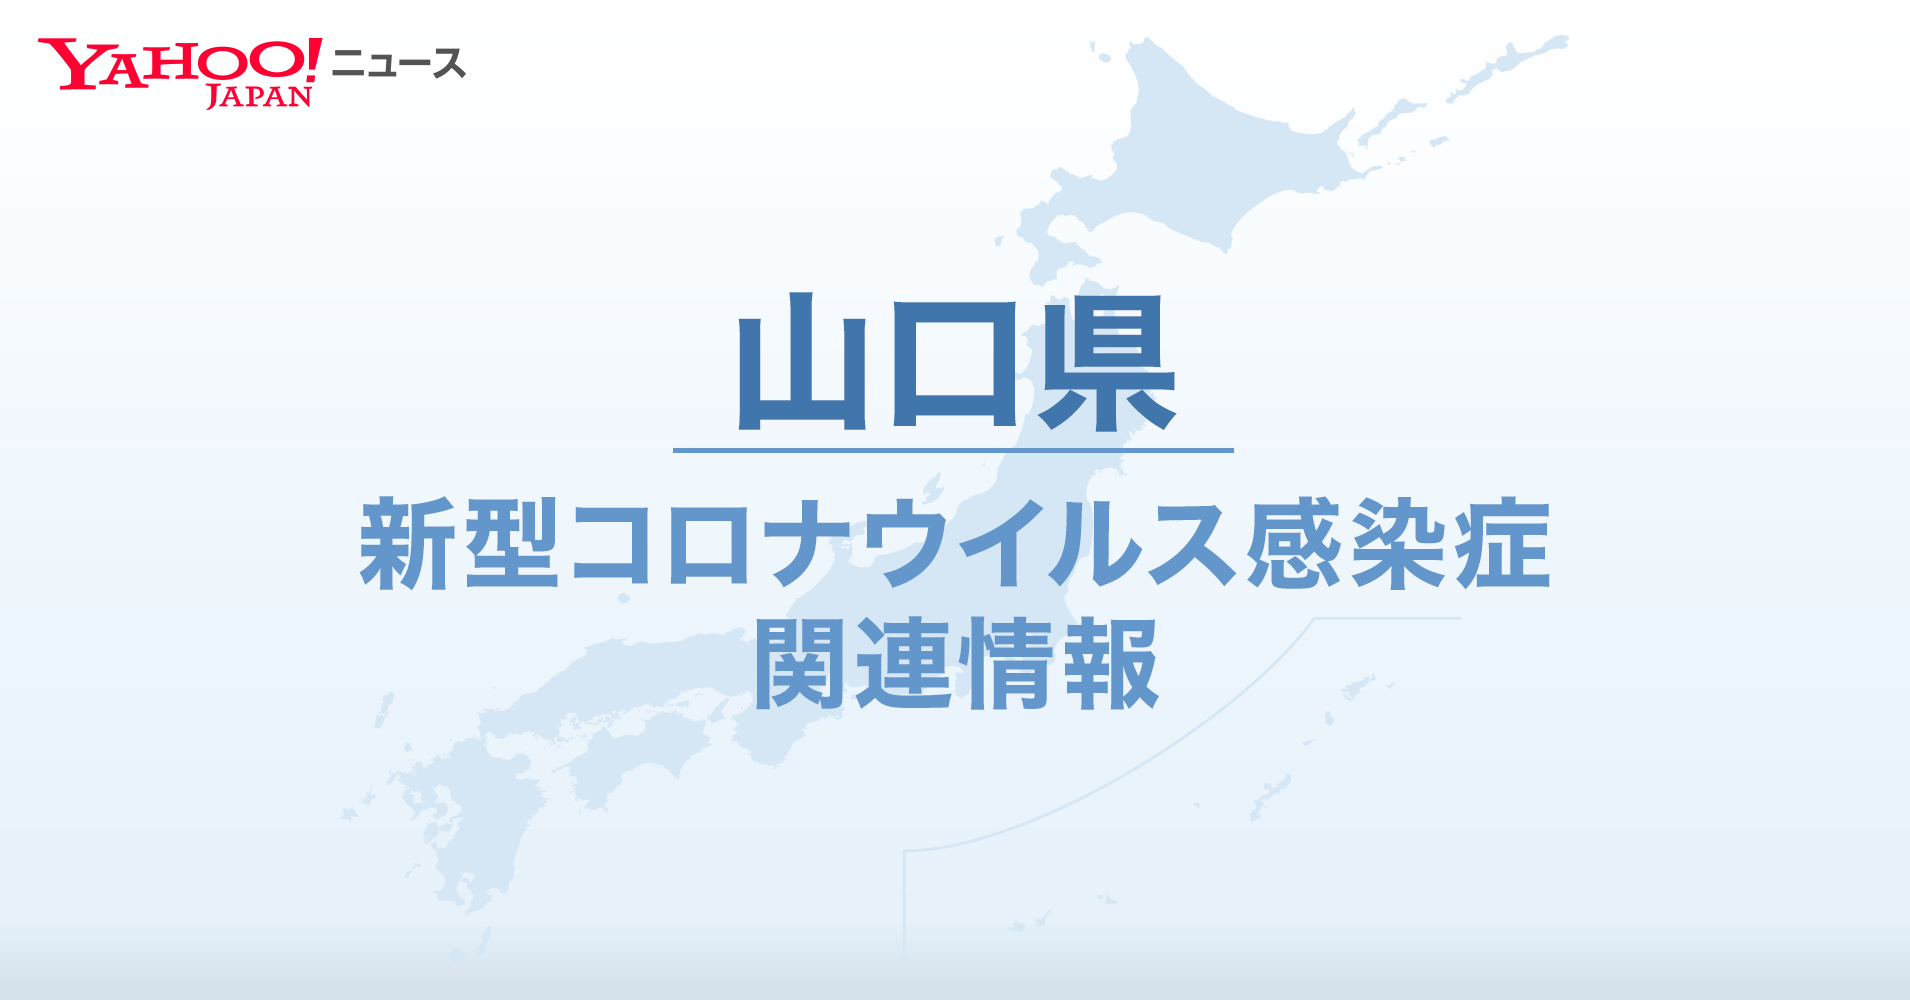 山口 県 コロナ 速報 twitter